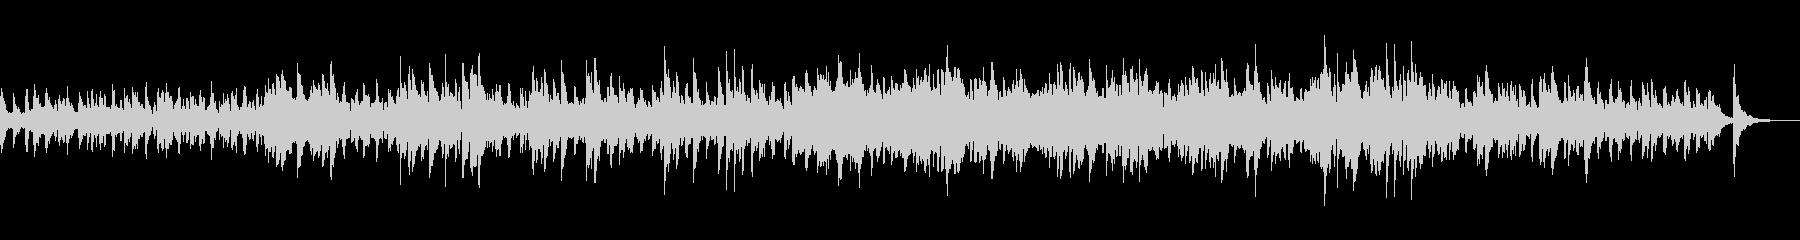 ピアノとストリングスのクラシックポップの未再生の波形